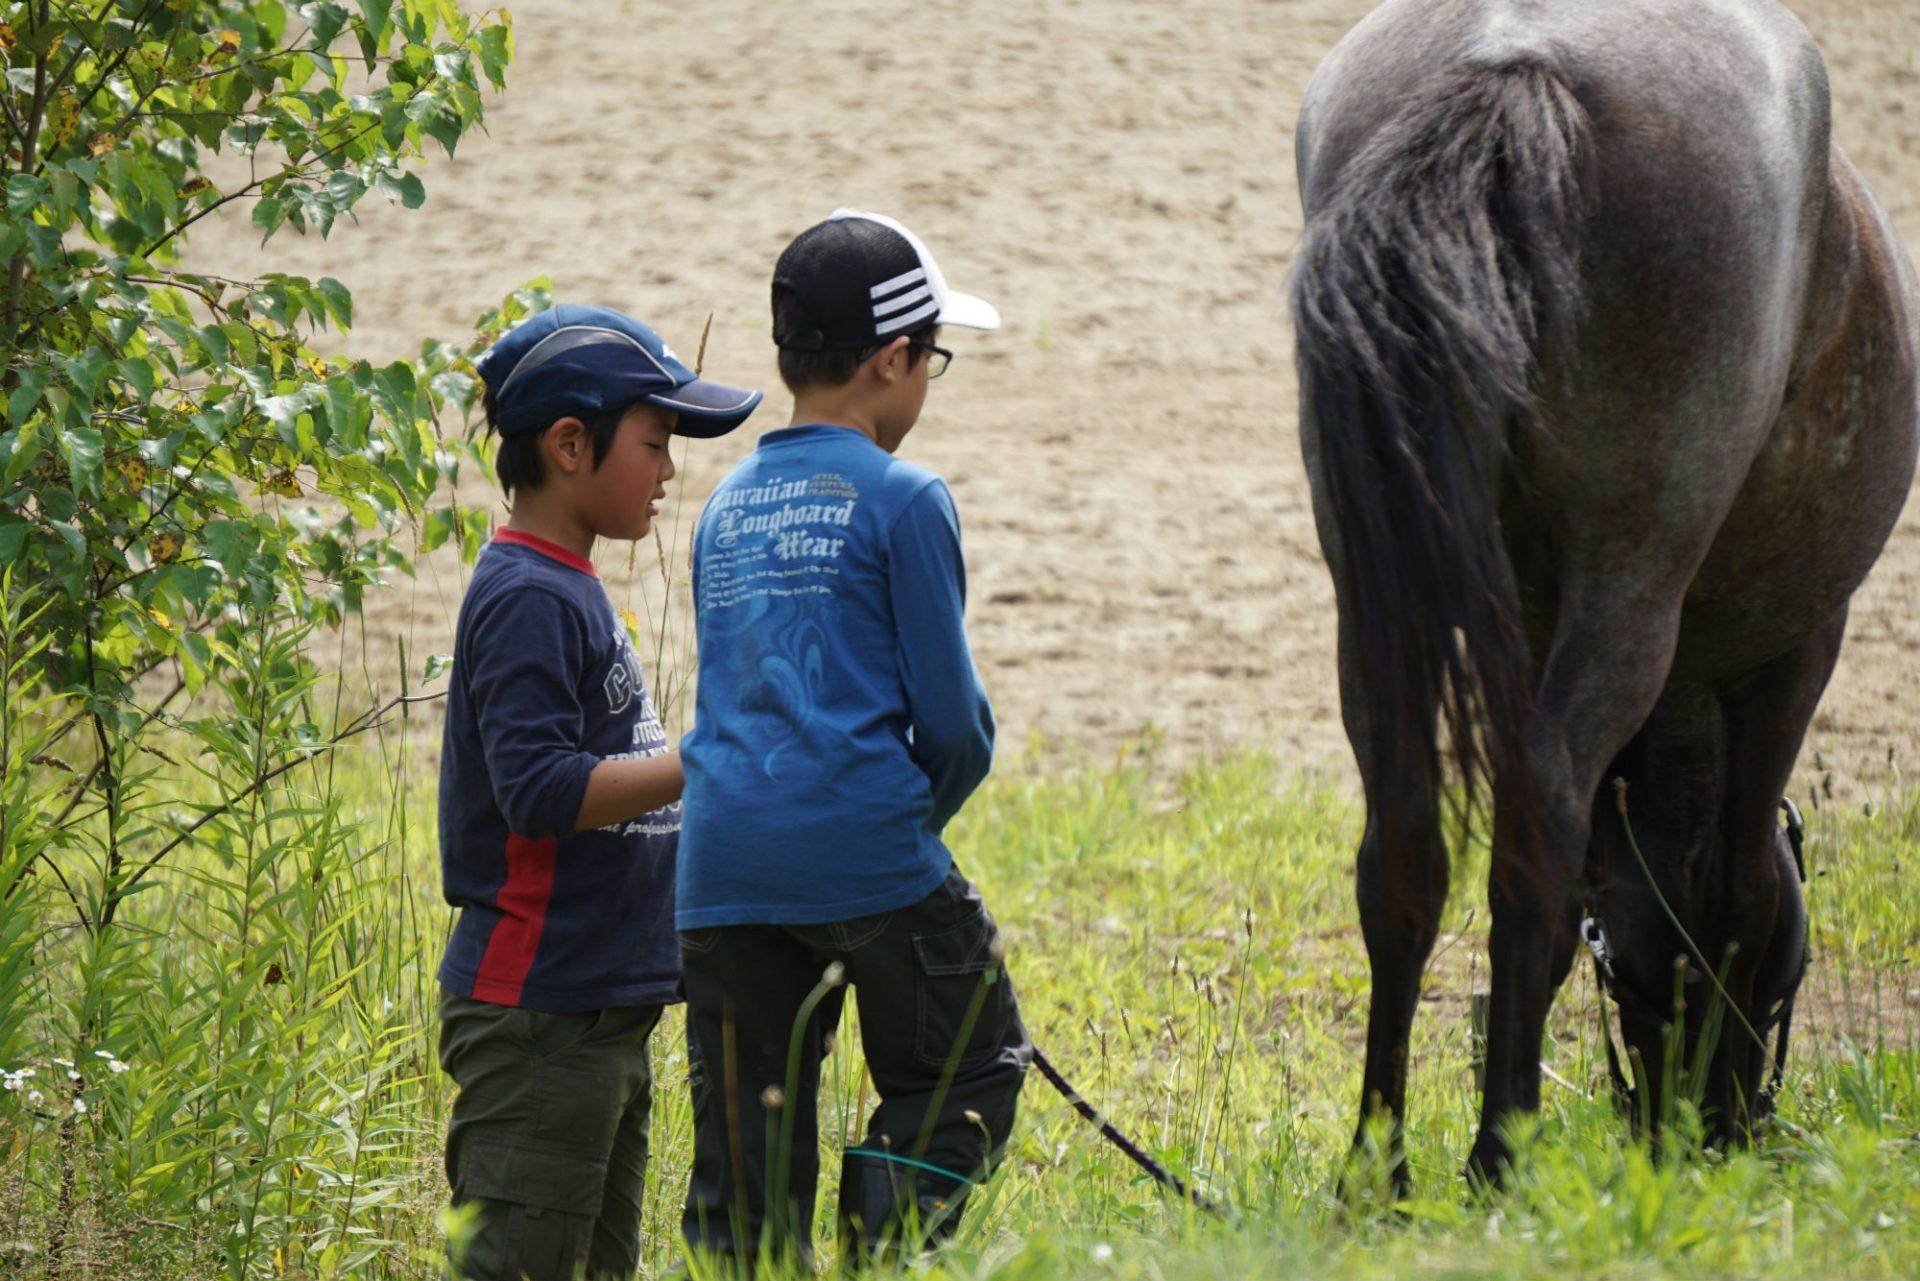 小中学生と対象とした「牧場暮らしキャンプ」を北海道で実施